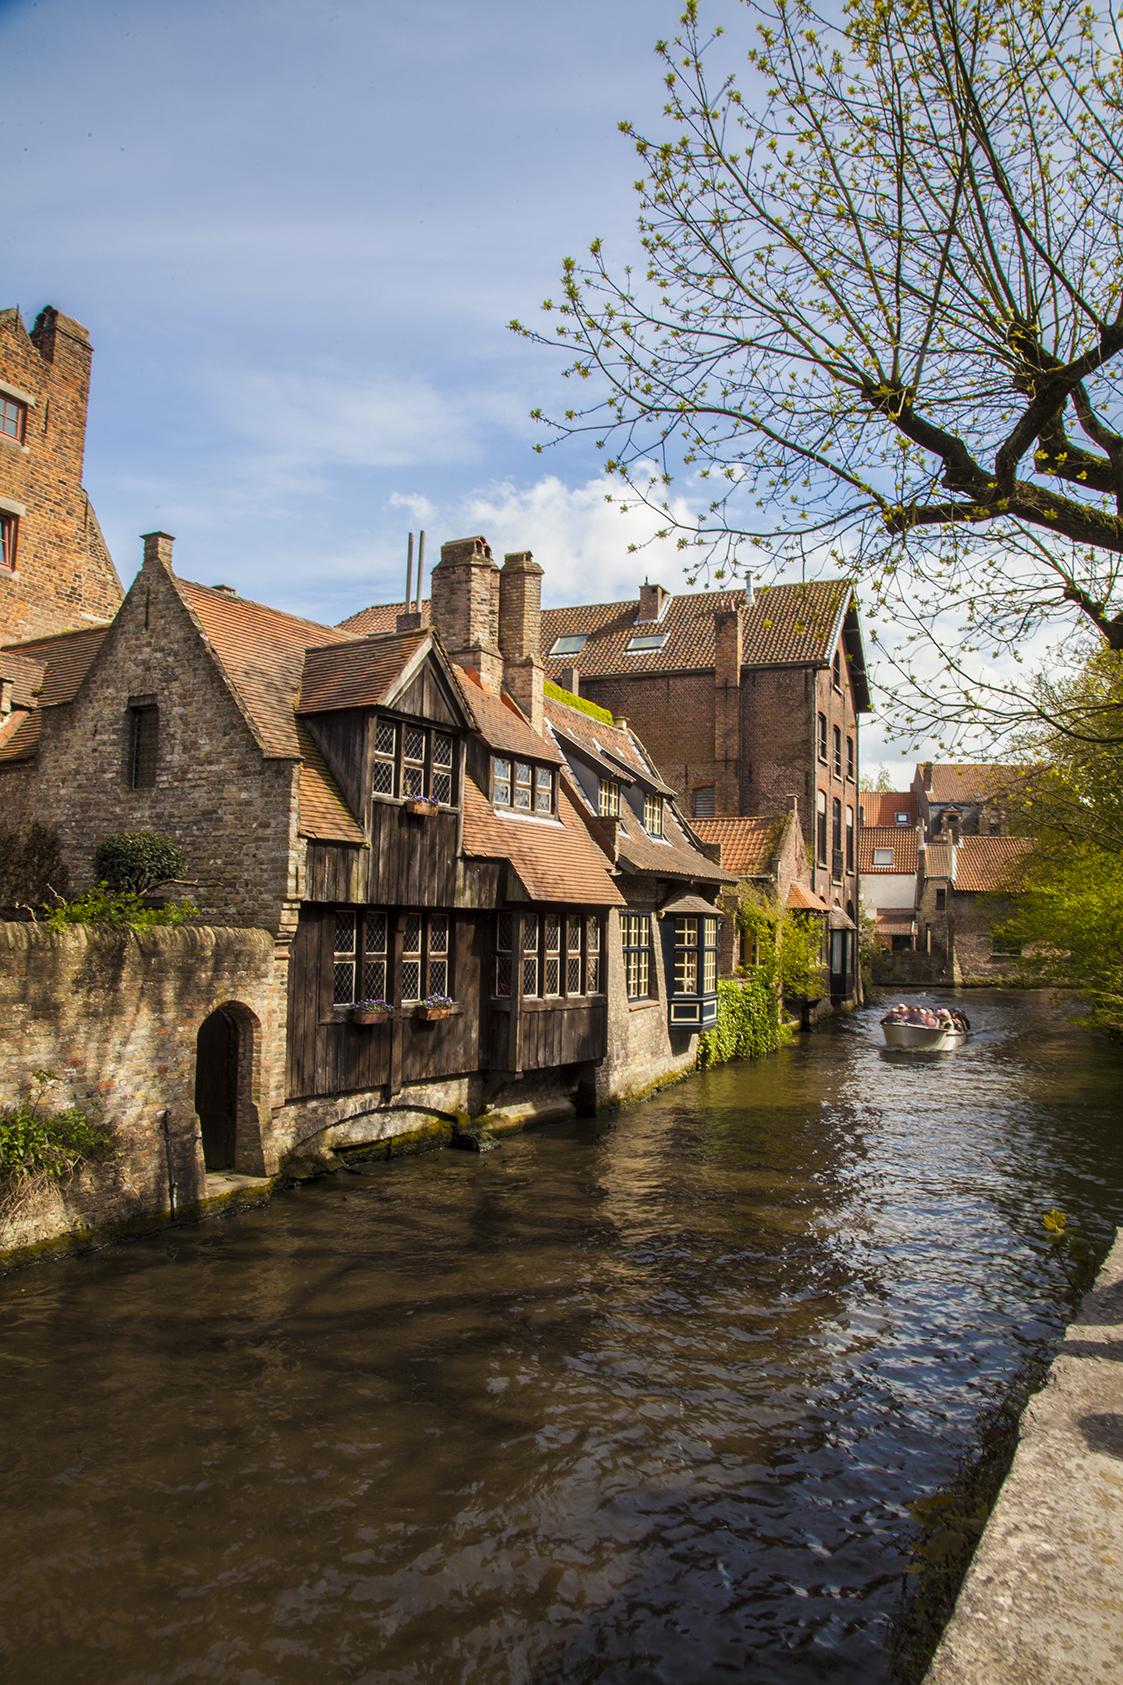 On to Bruges